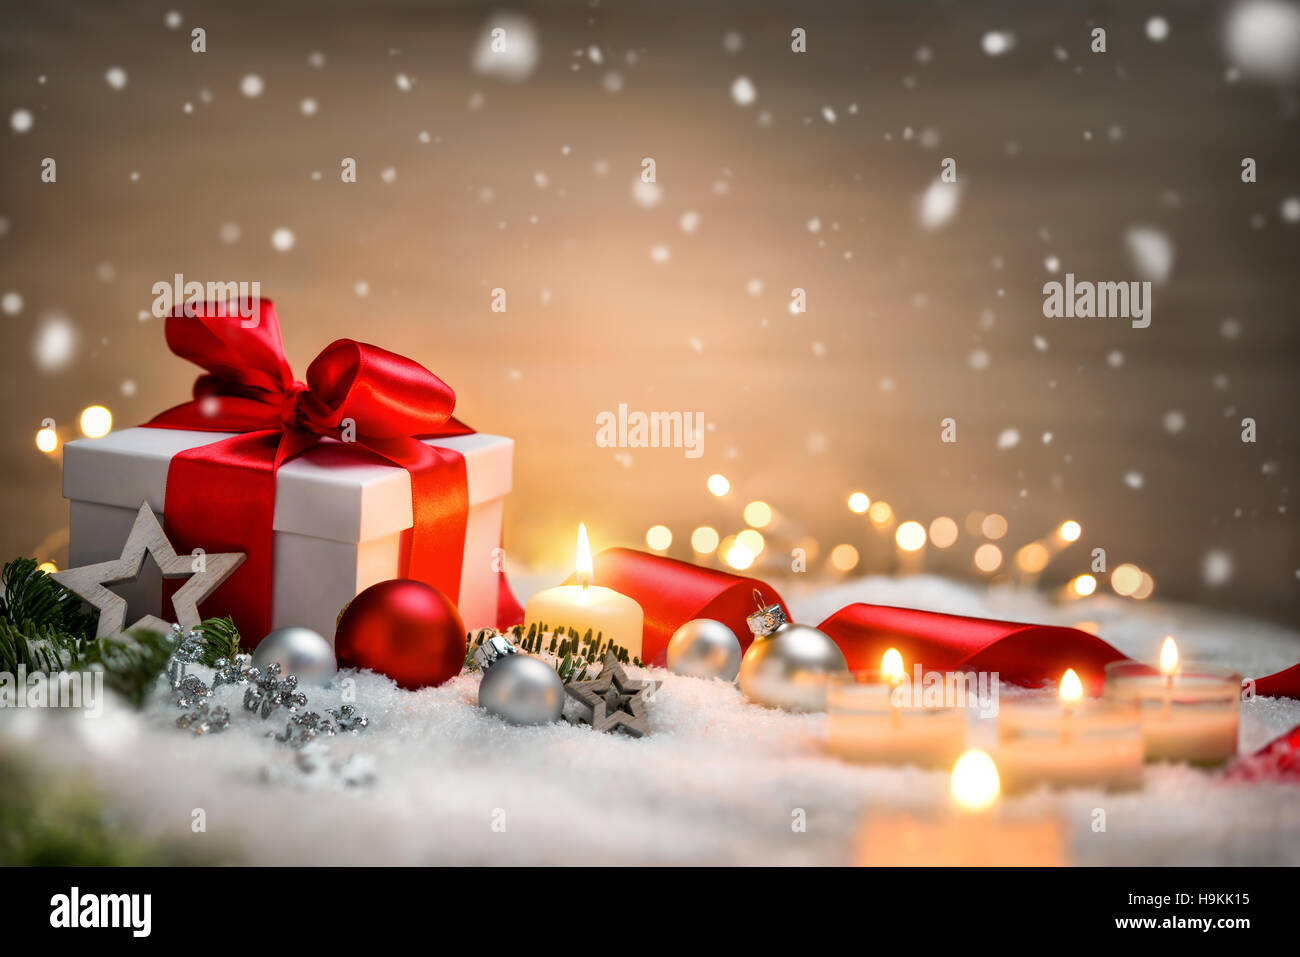 Weihnachtsszene mit einer weißen Geschenk Box, rot Bogen und ...